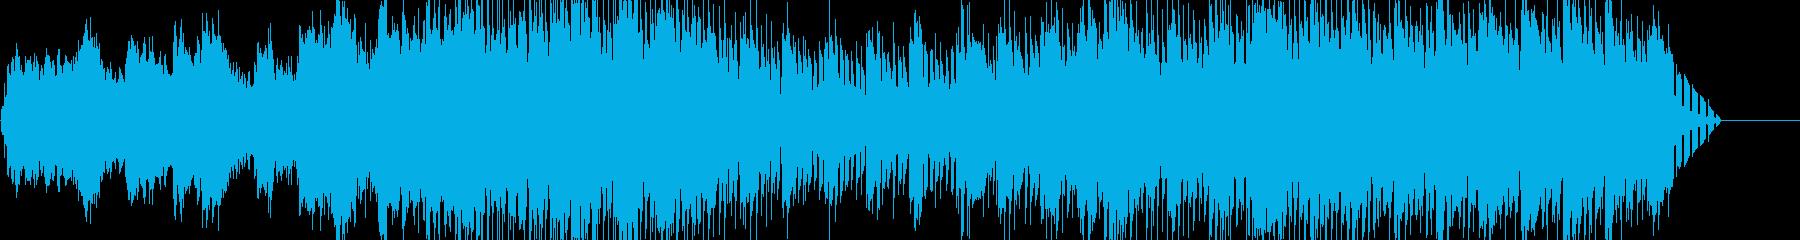 電気研究所催眠-瞑想-きらめき。科...の再生済みの波形